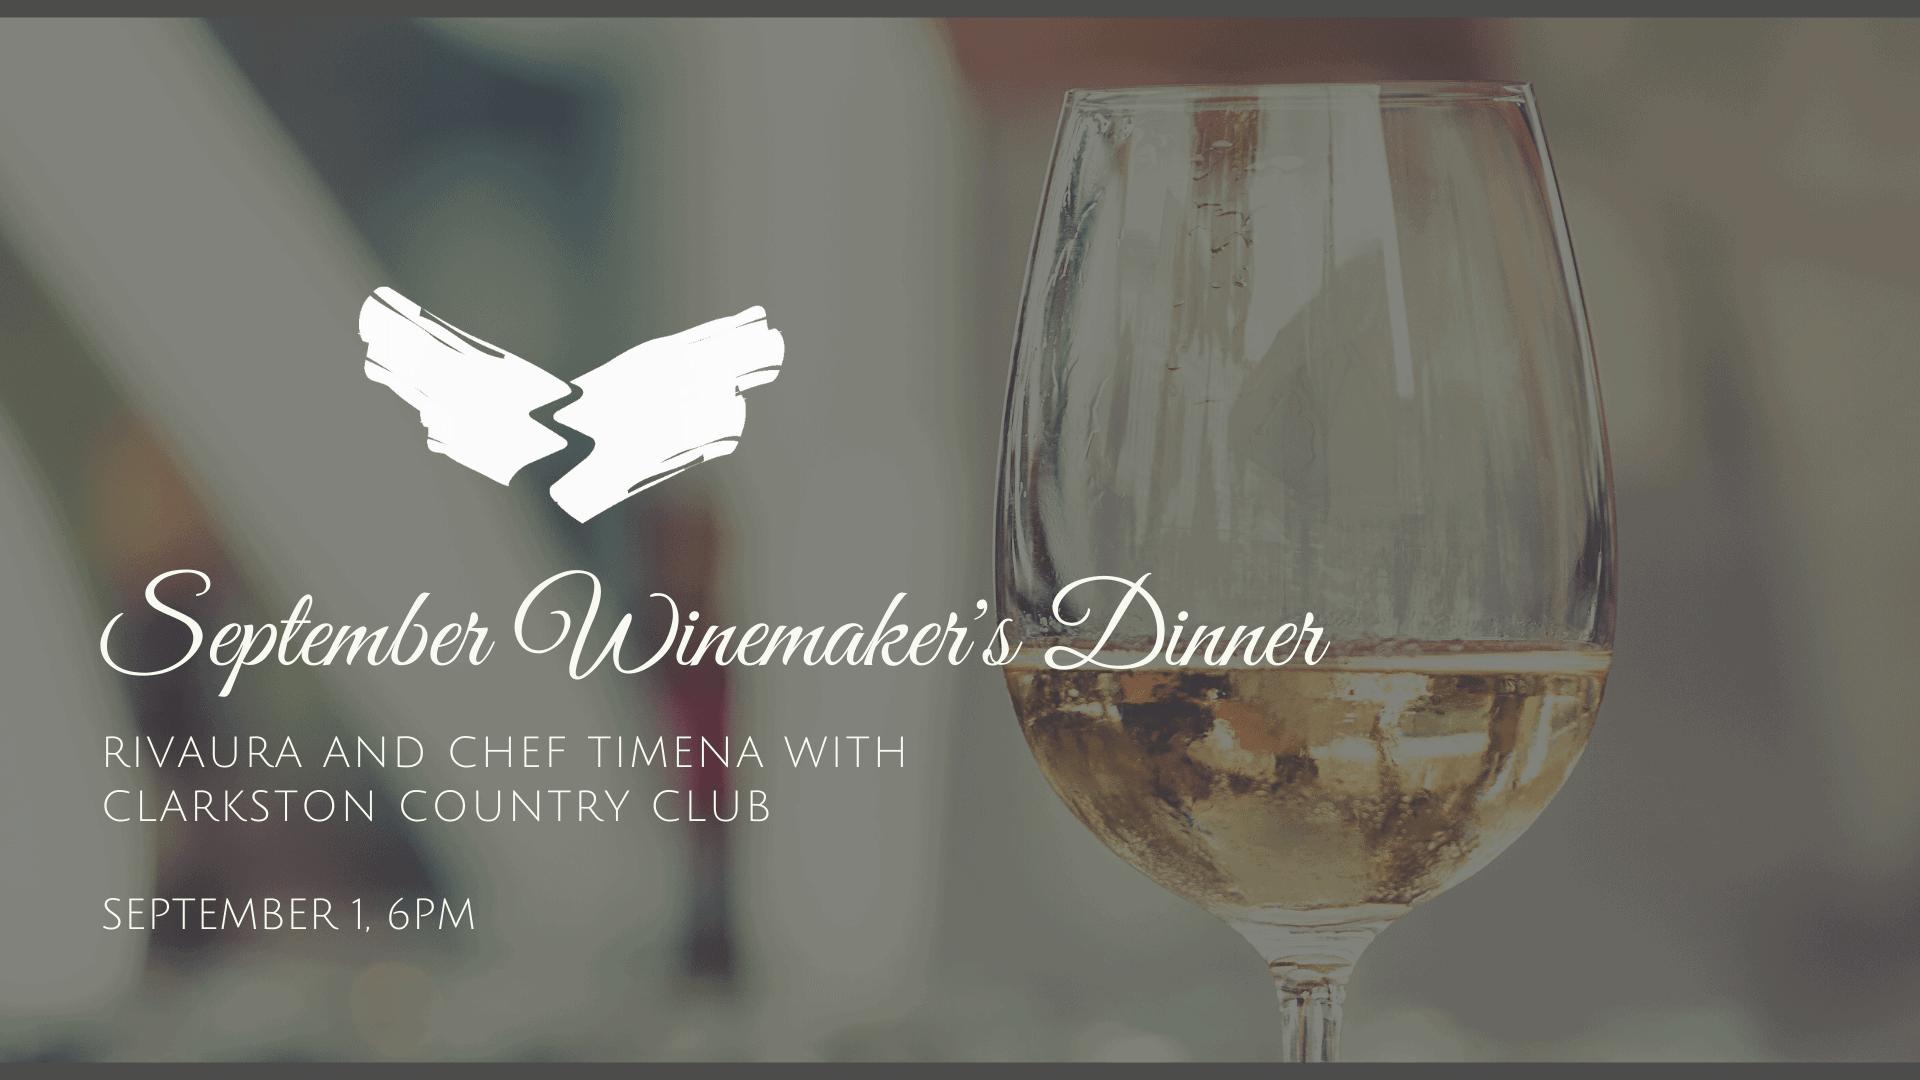 September Winemaker's Dinner